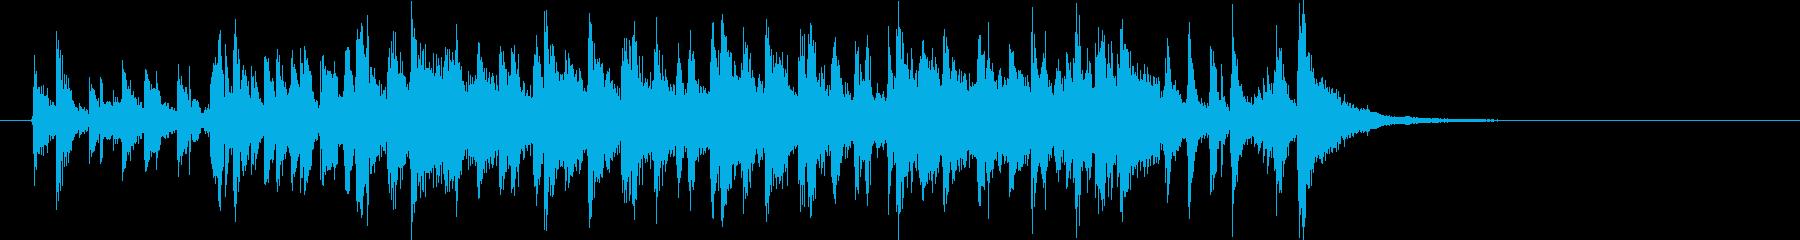 懐かしい雰囲気のオシャレなレトロポップの再生済みの波形